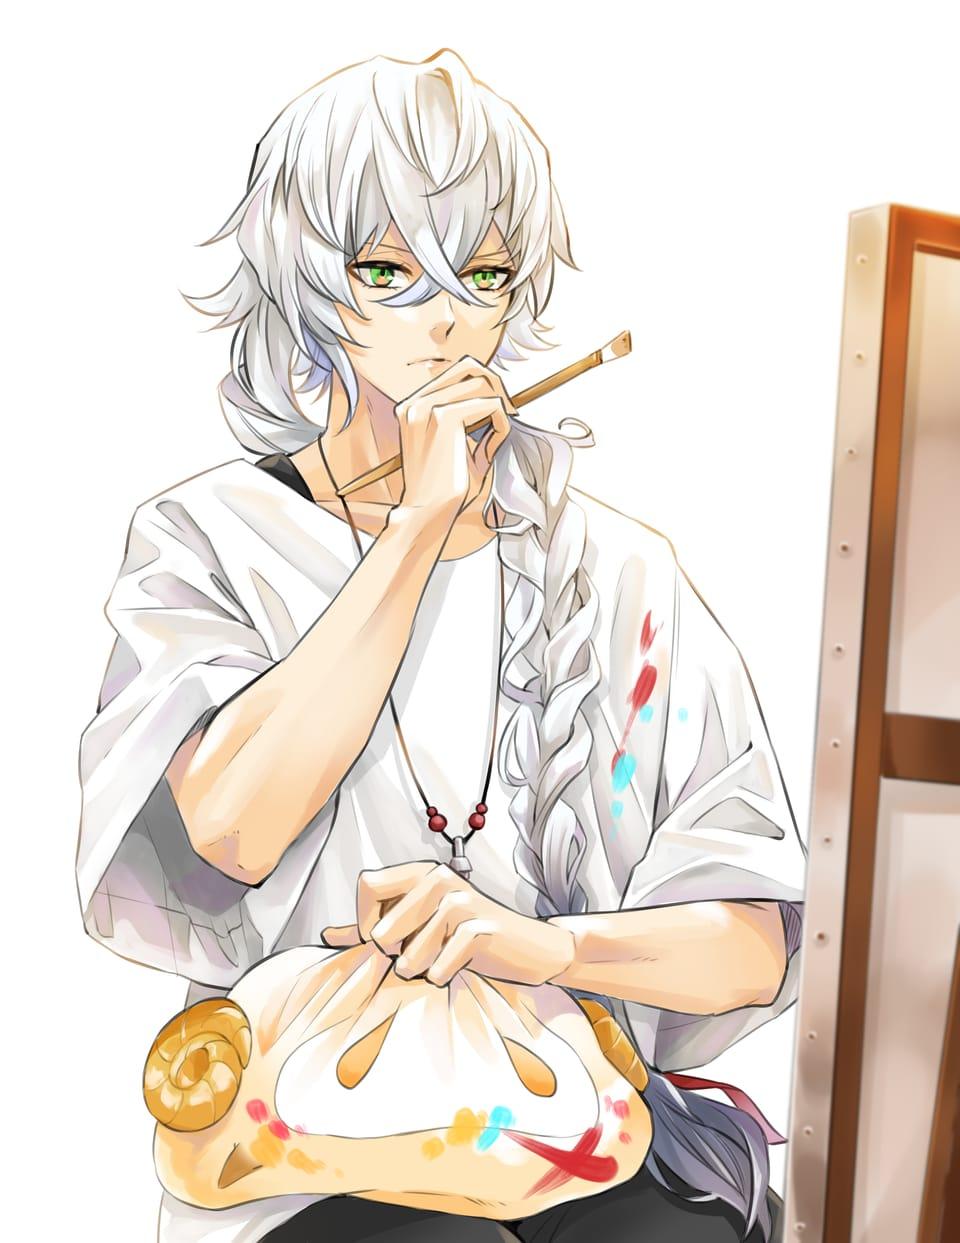 アスクレピオスさん Illust of 奥ノなる Fate/GrandOrder アスクレピオス(Fate)